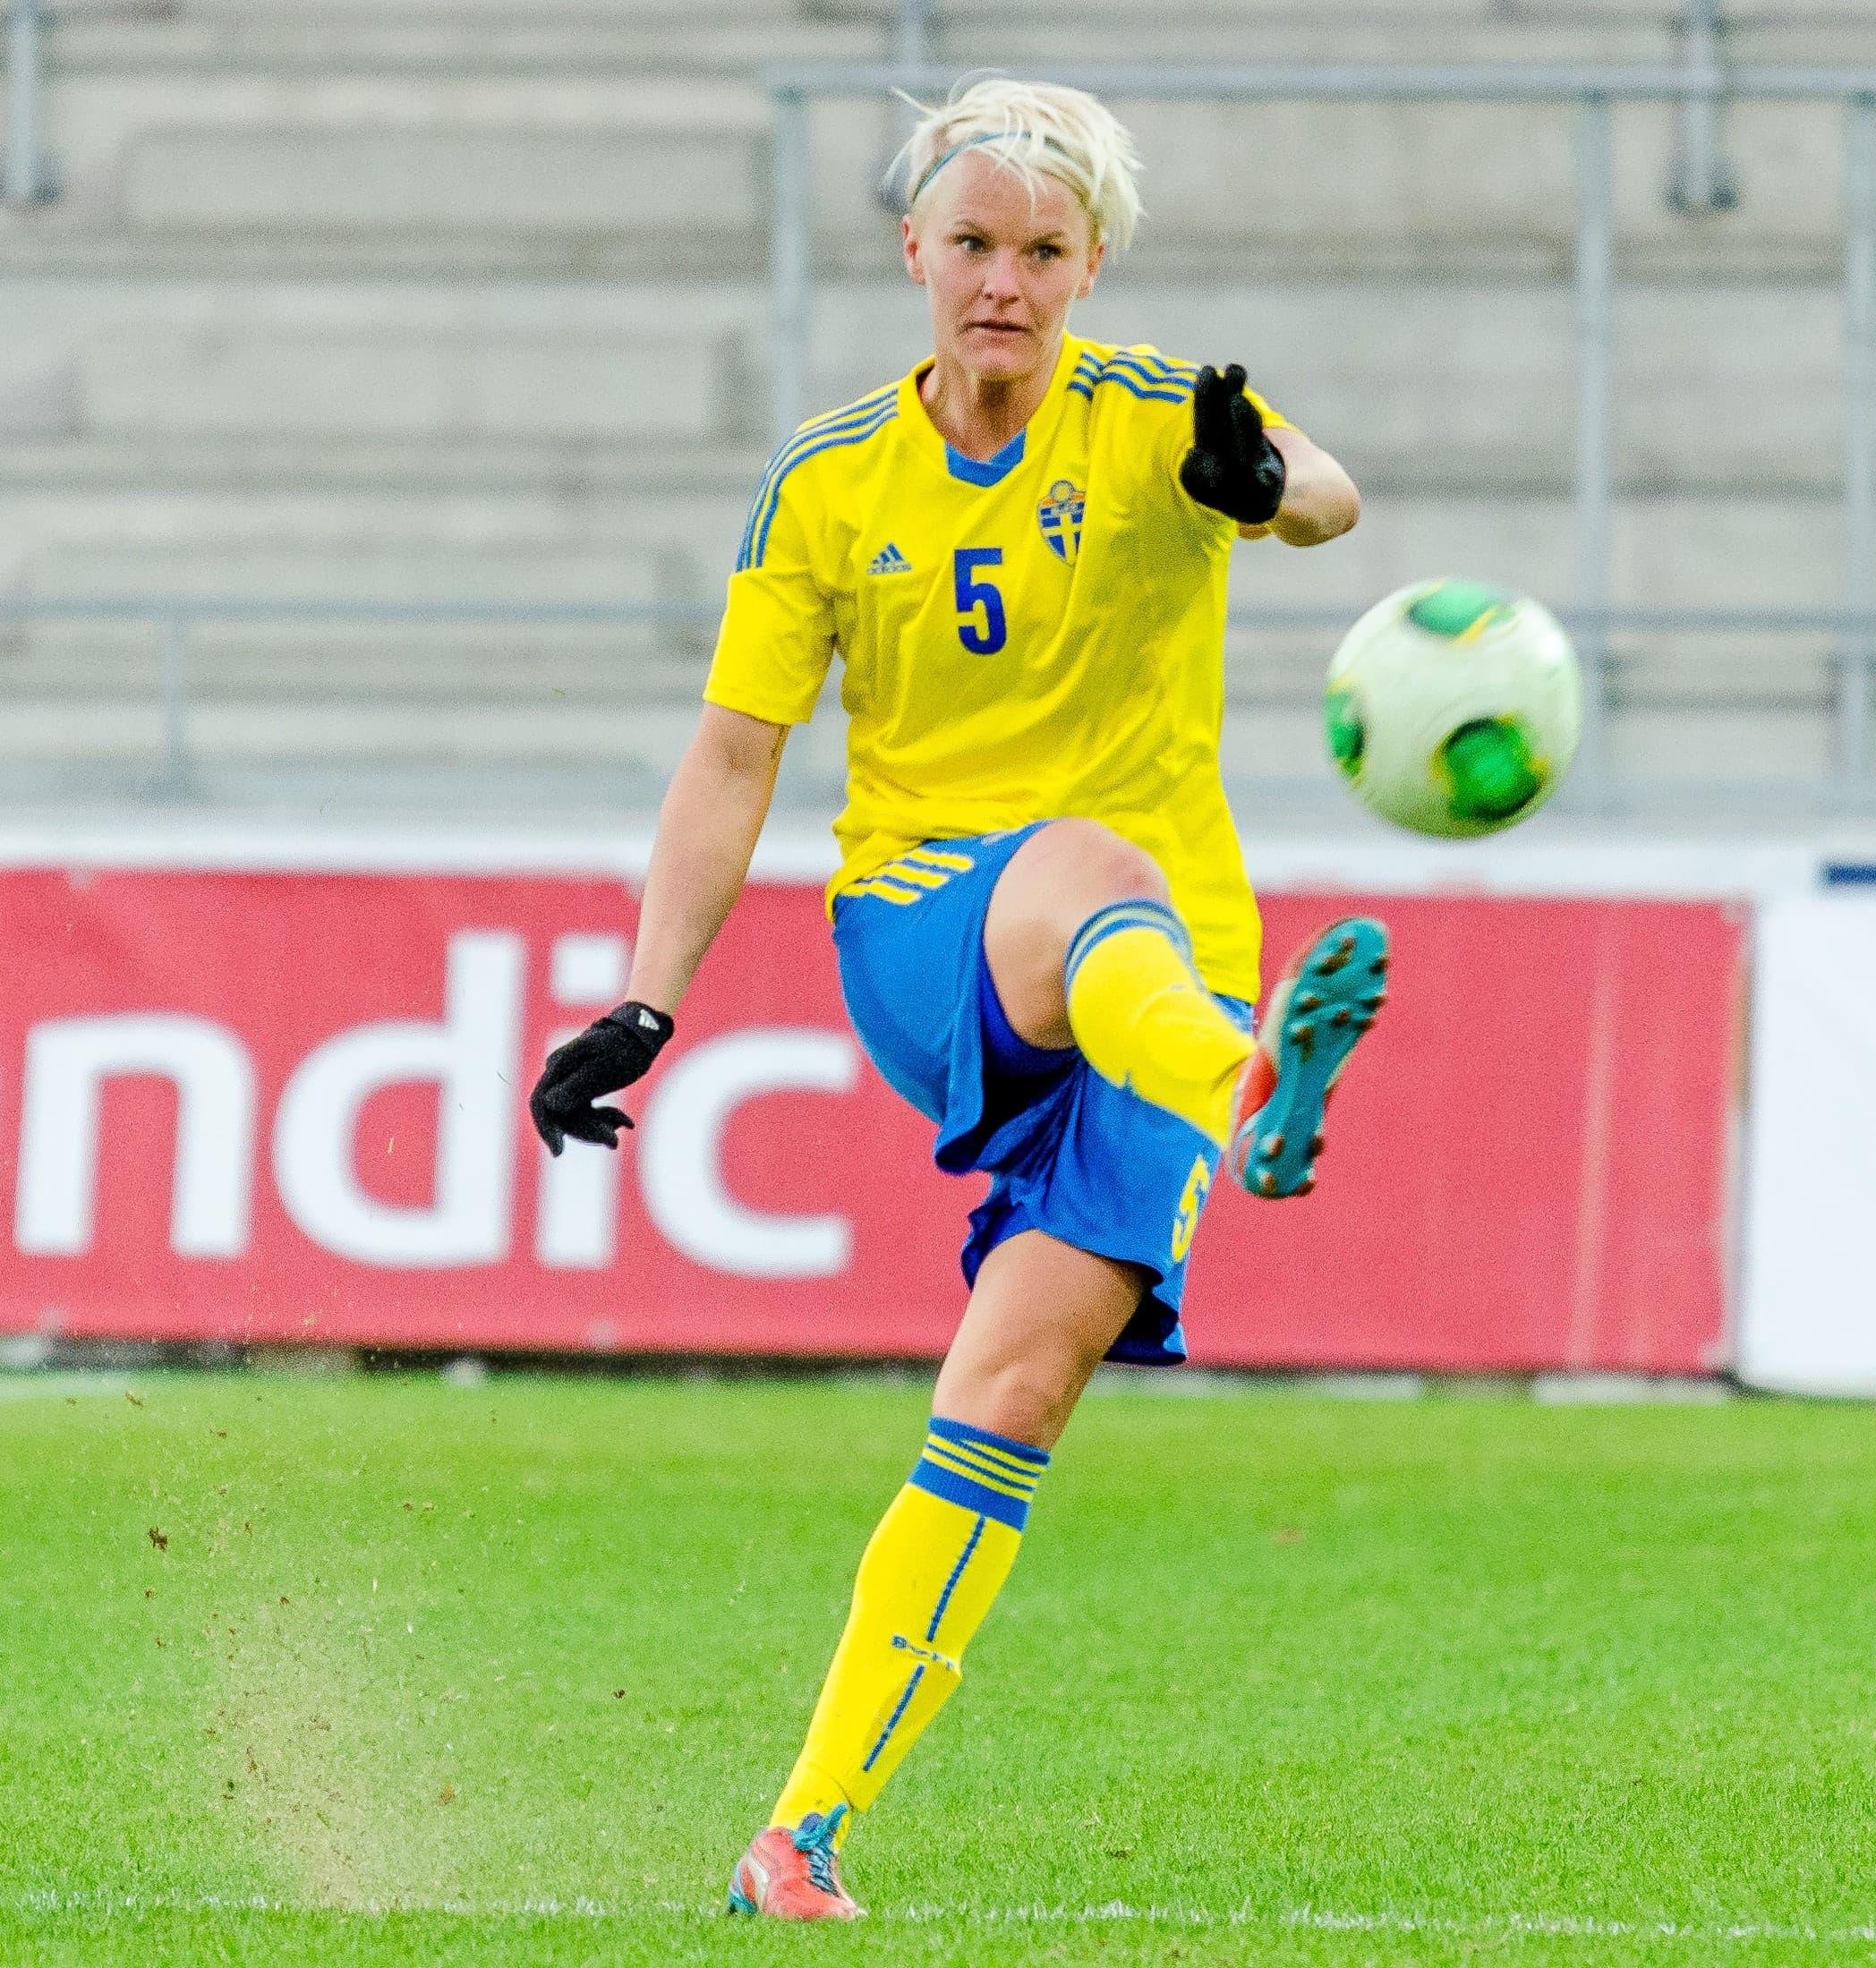 Sverige - Island 2-0, Träningslandskamp Fotboll Dam